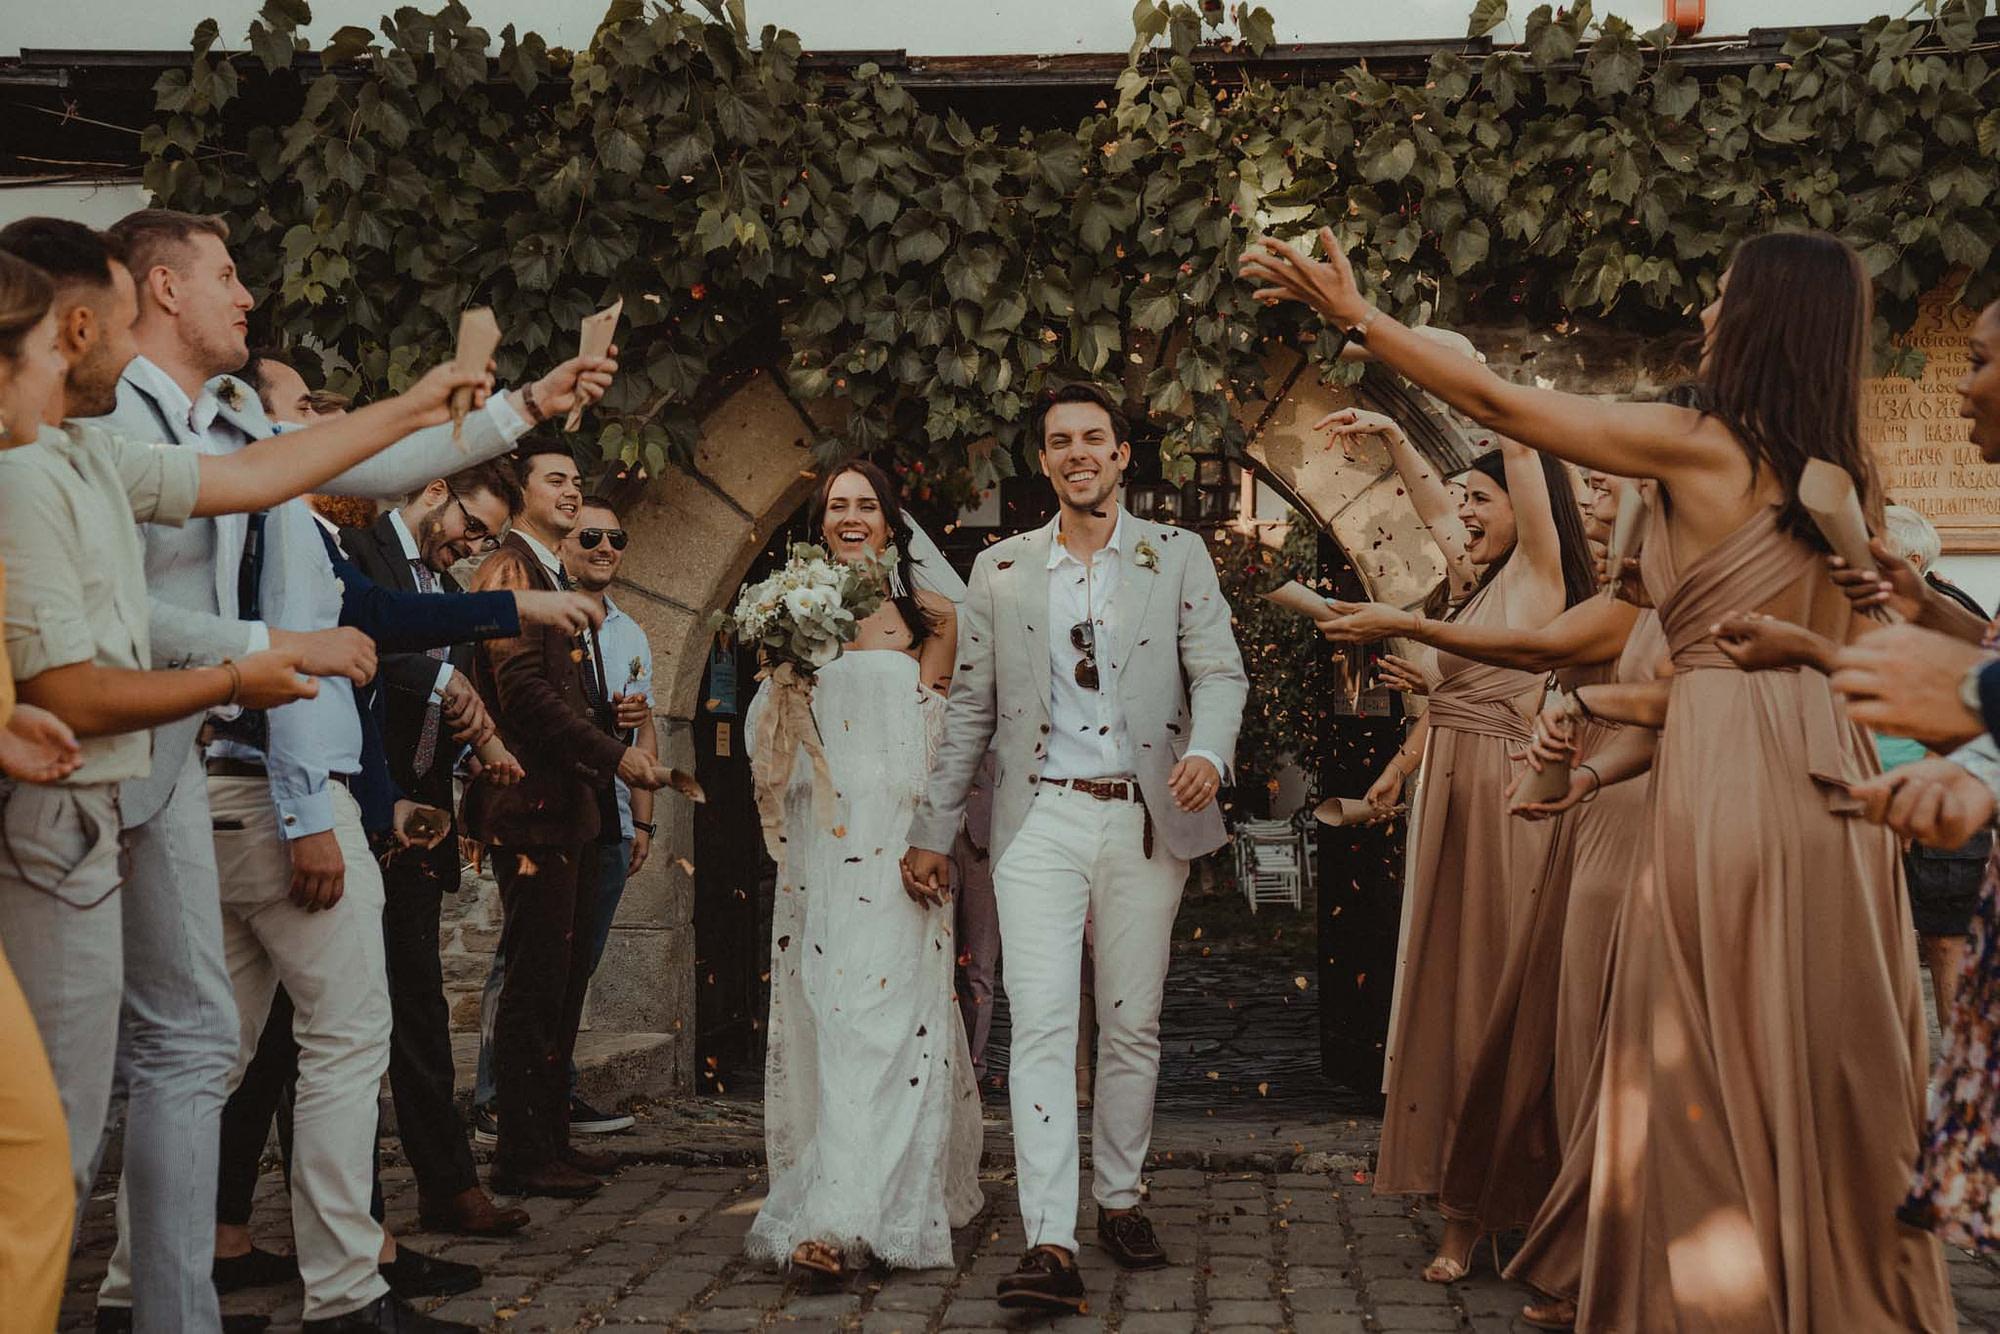 Георги Стратиев, бохо сватба, сватбен фотограф, сватбена фотография